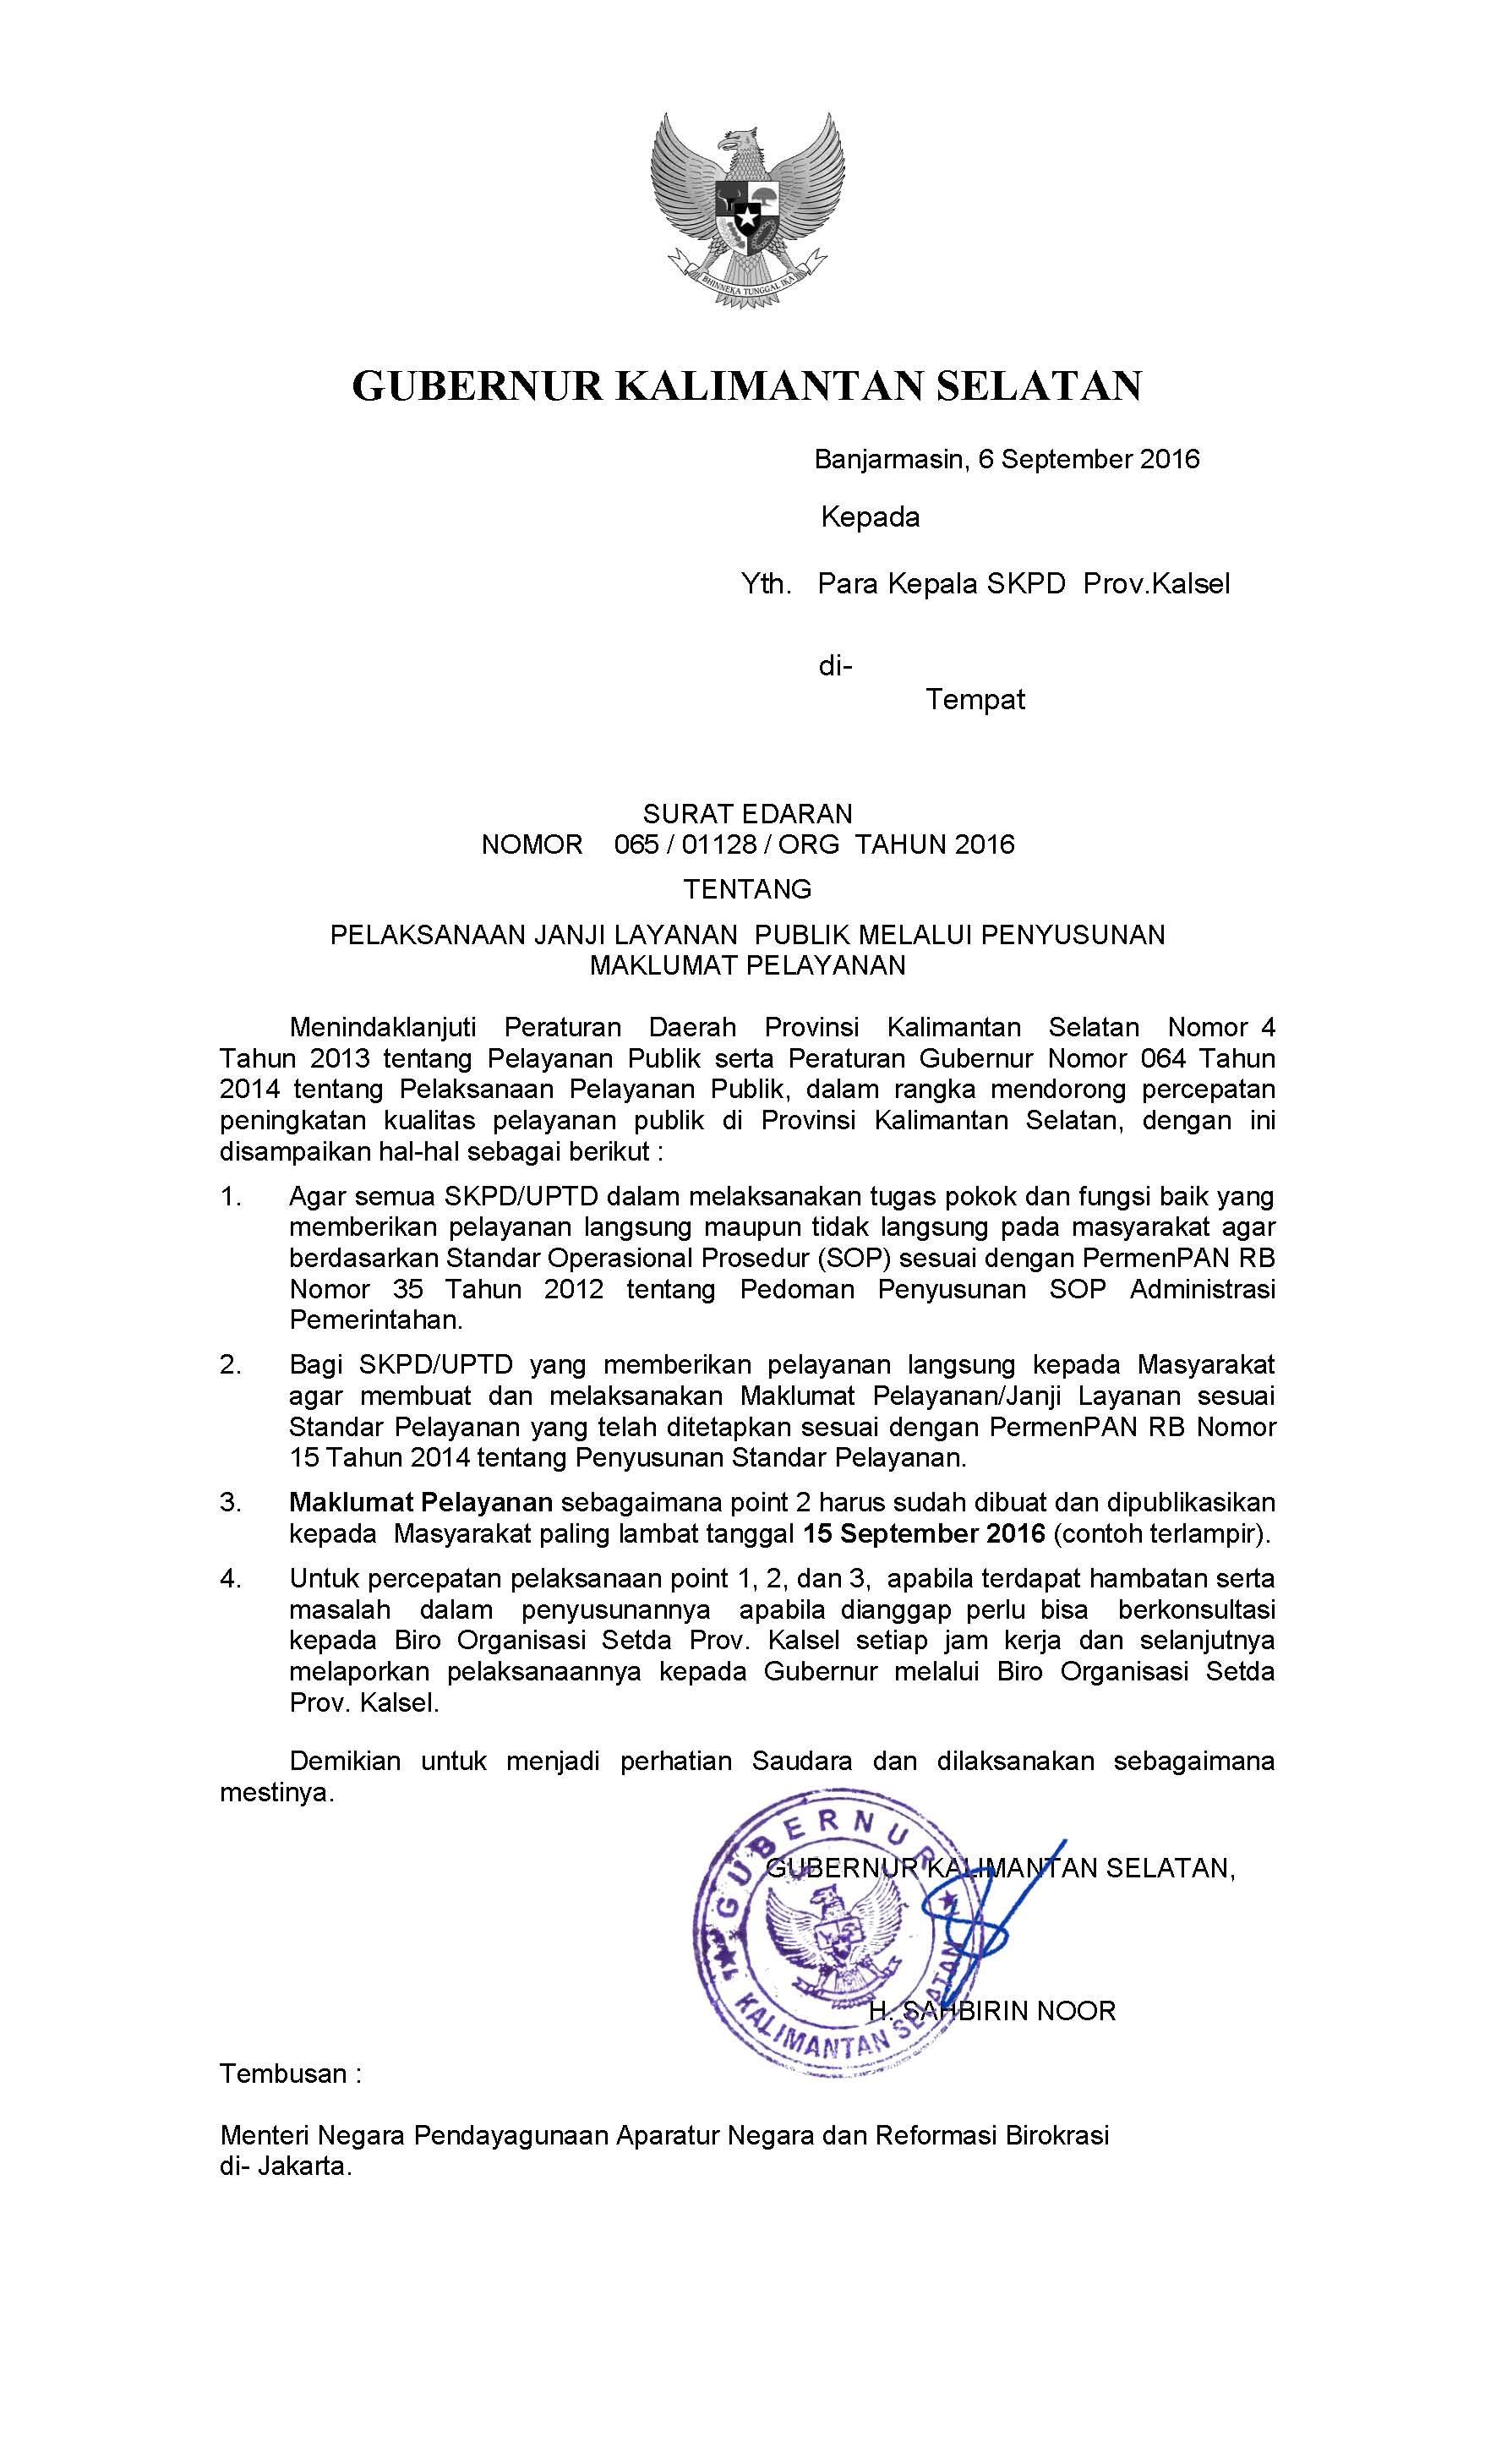 Surat Edaran Pelaksanaan Janji Layanan Publik Melalui